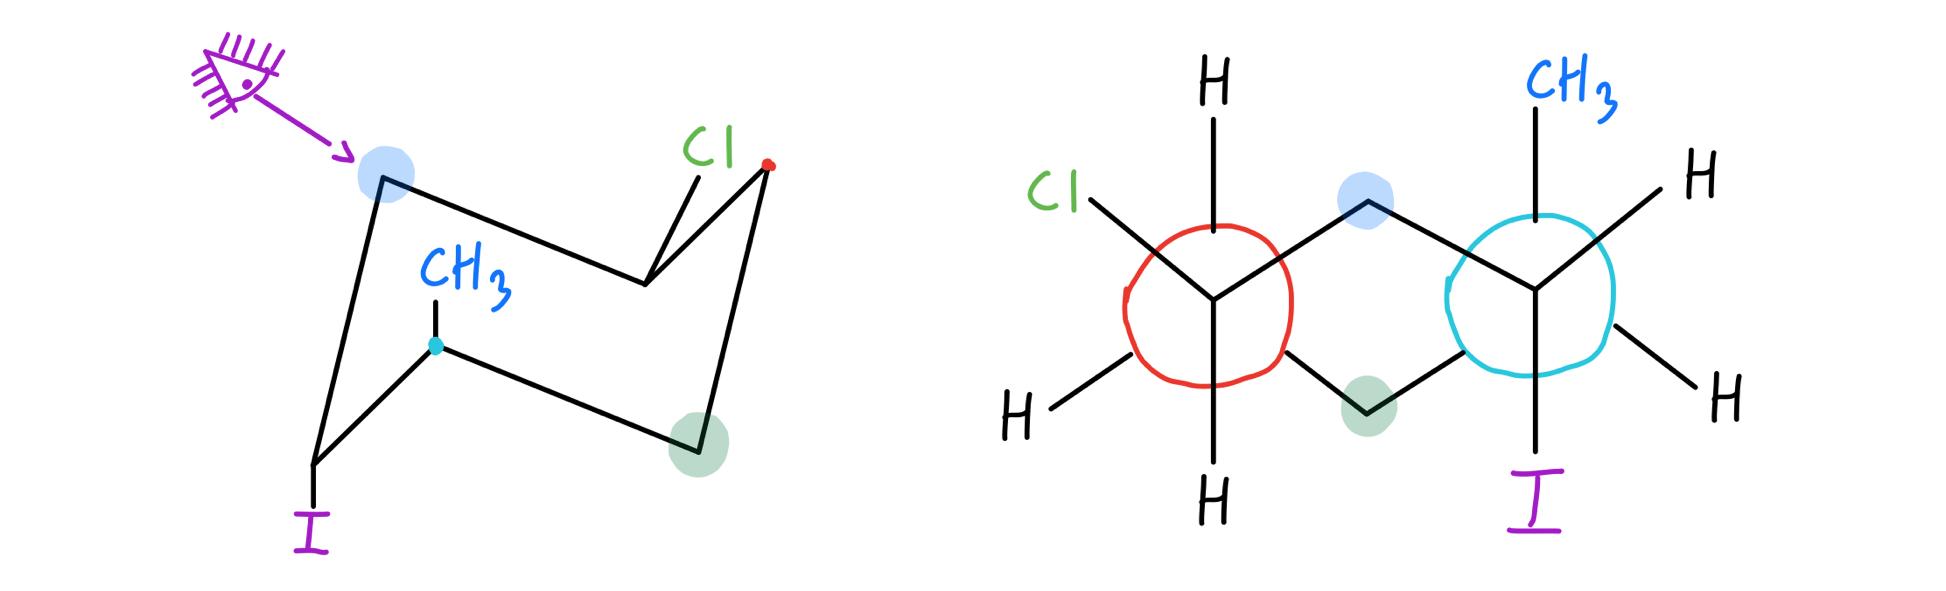 Cyclohexane Newman